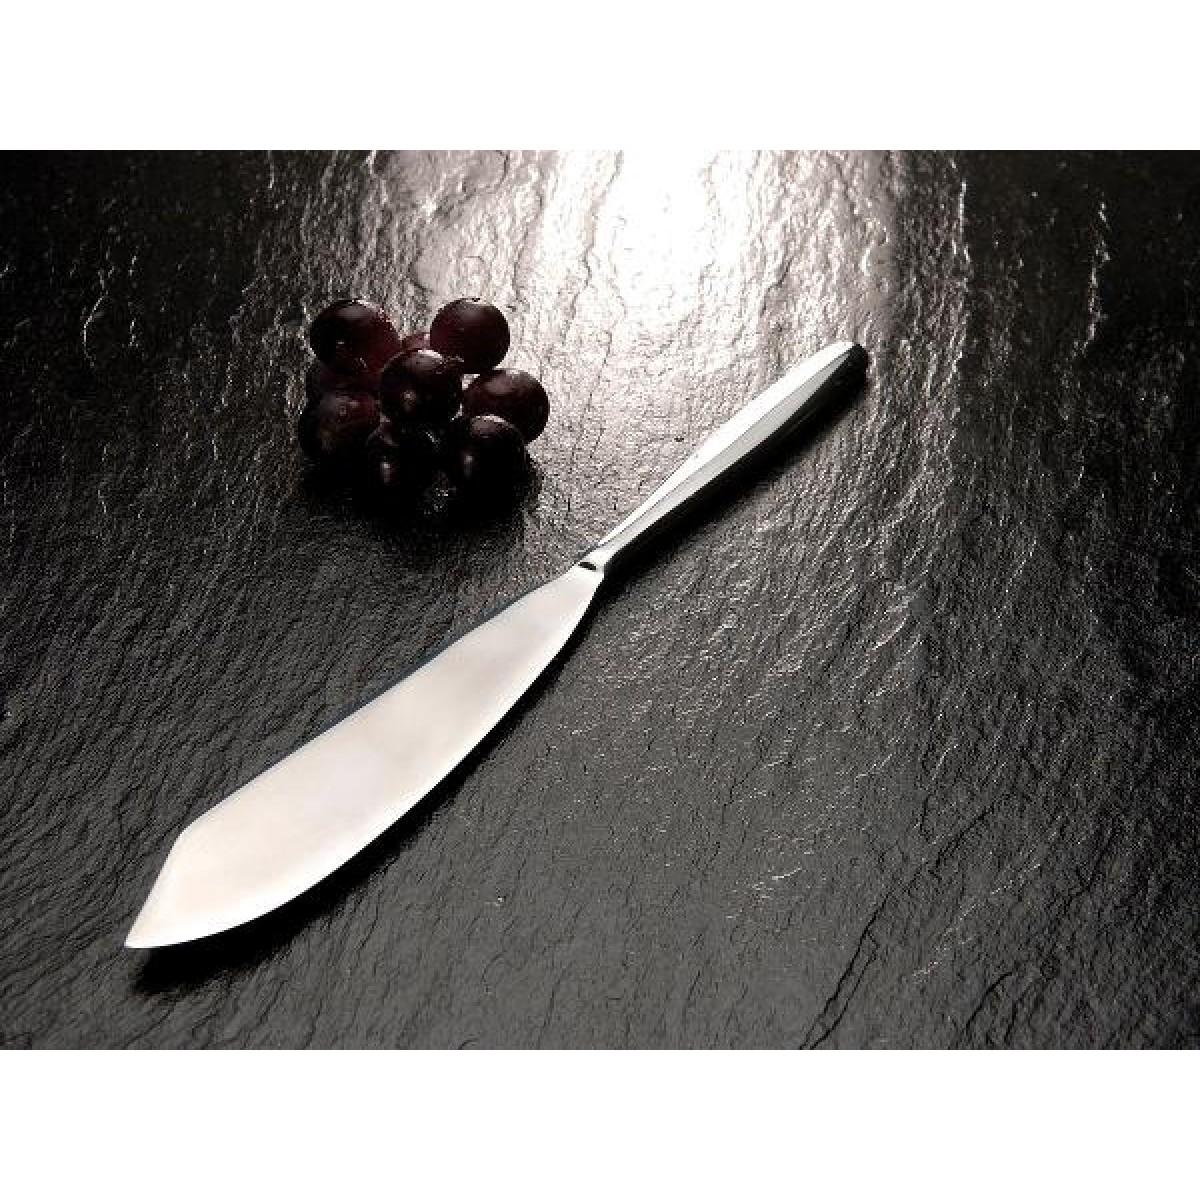 FUNKTIONLagkagekniv30cm-01